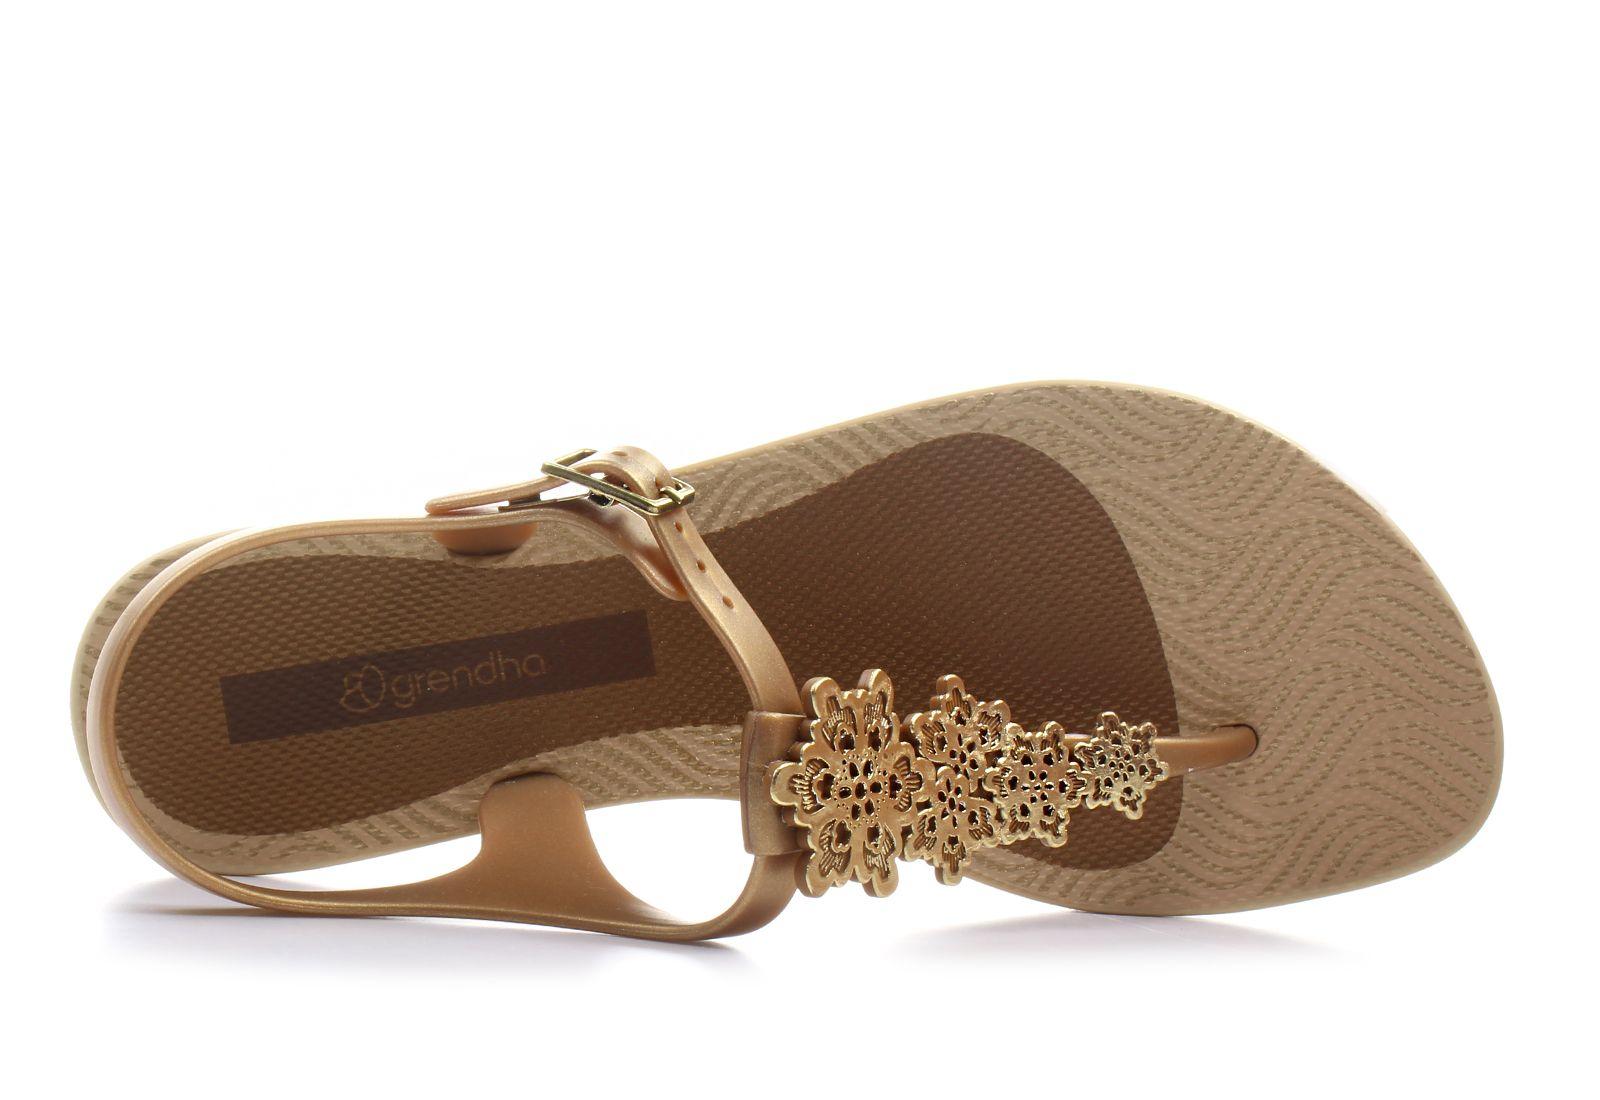 Grendha Szandál - Romantic - 81971-24109 - Office Shoes Magyarország f78b2b6d6d